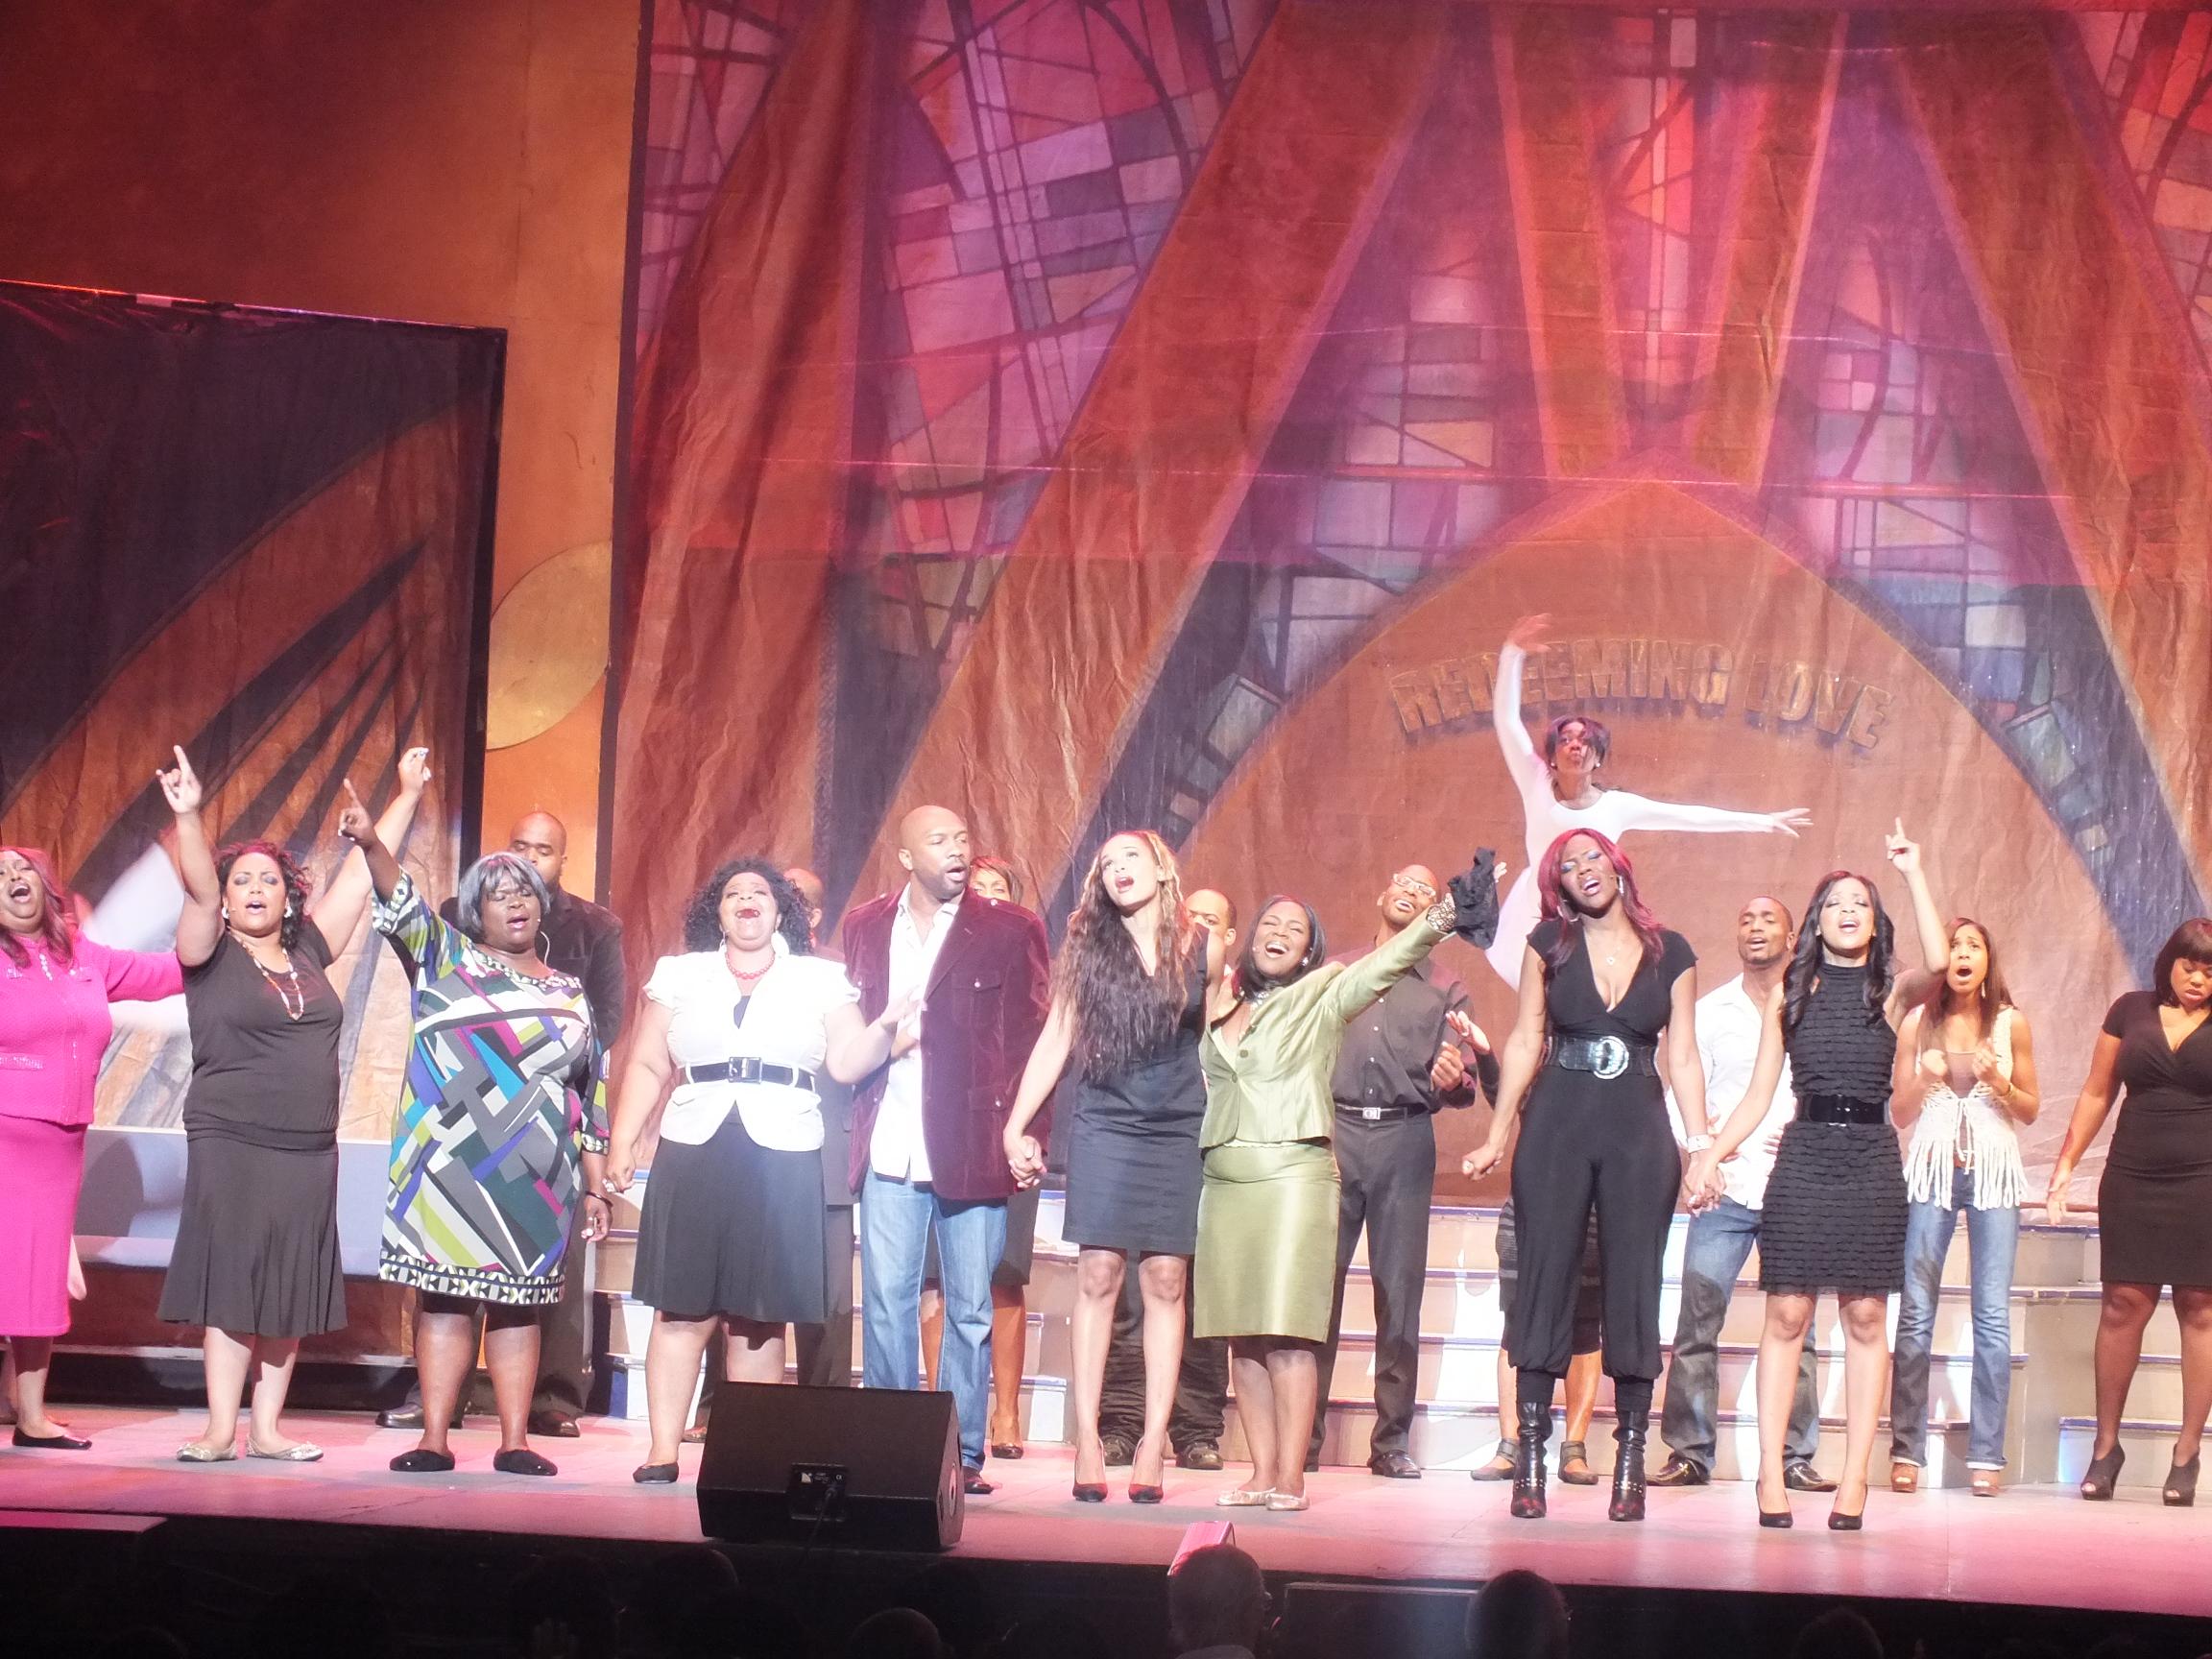 Church girl play cast